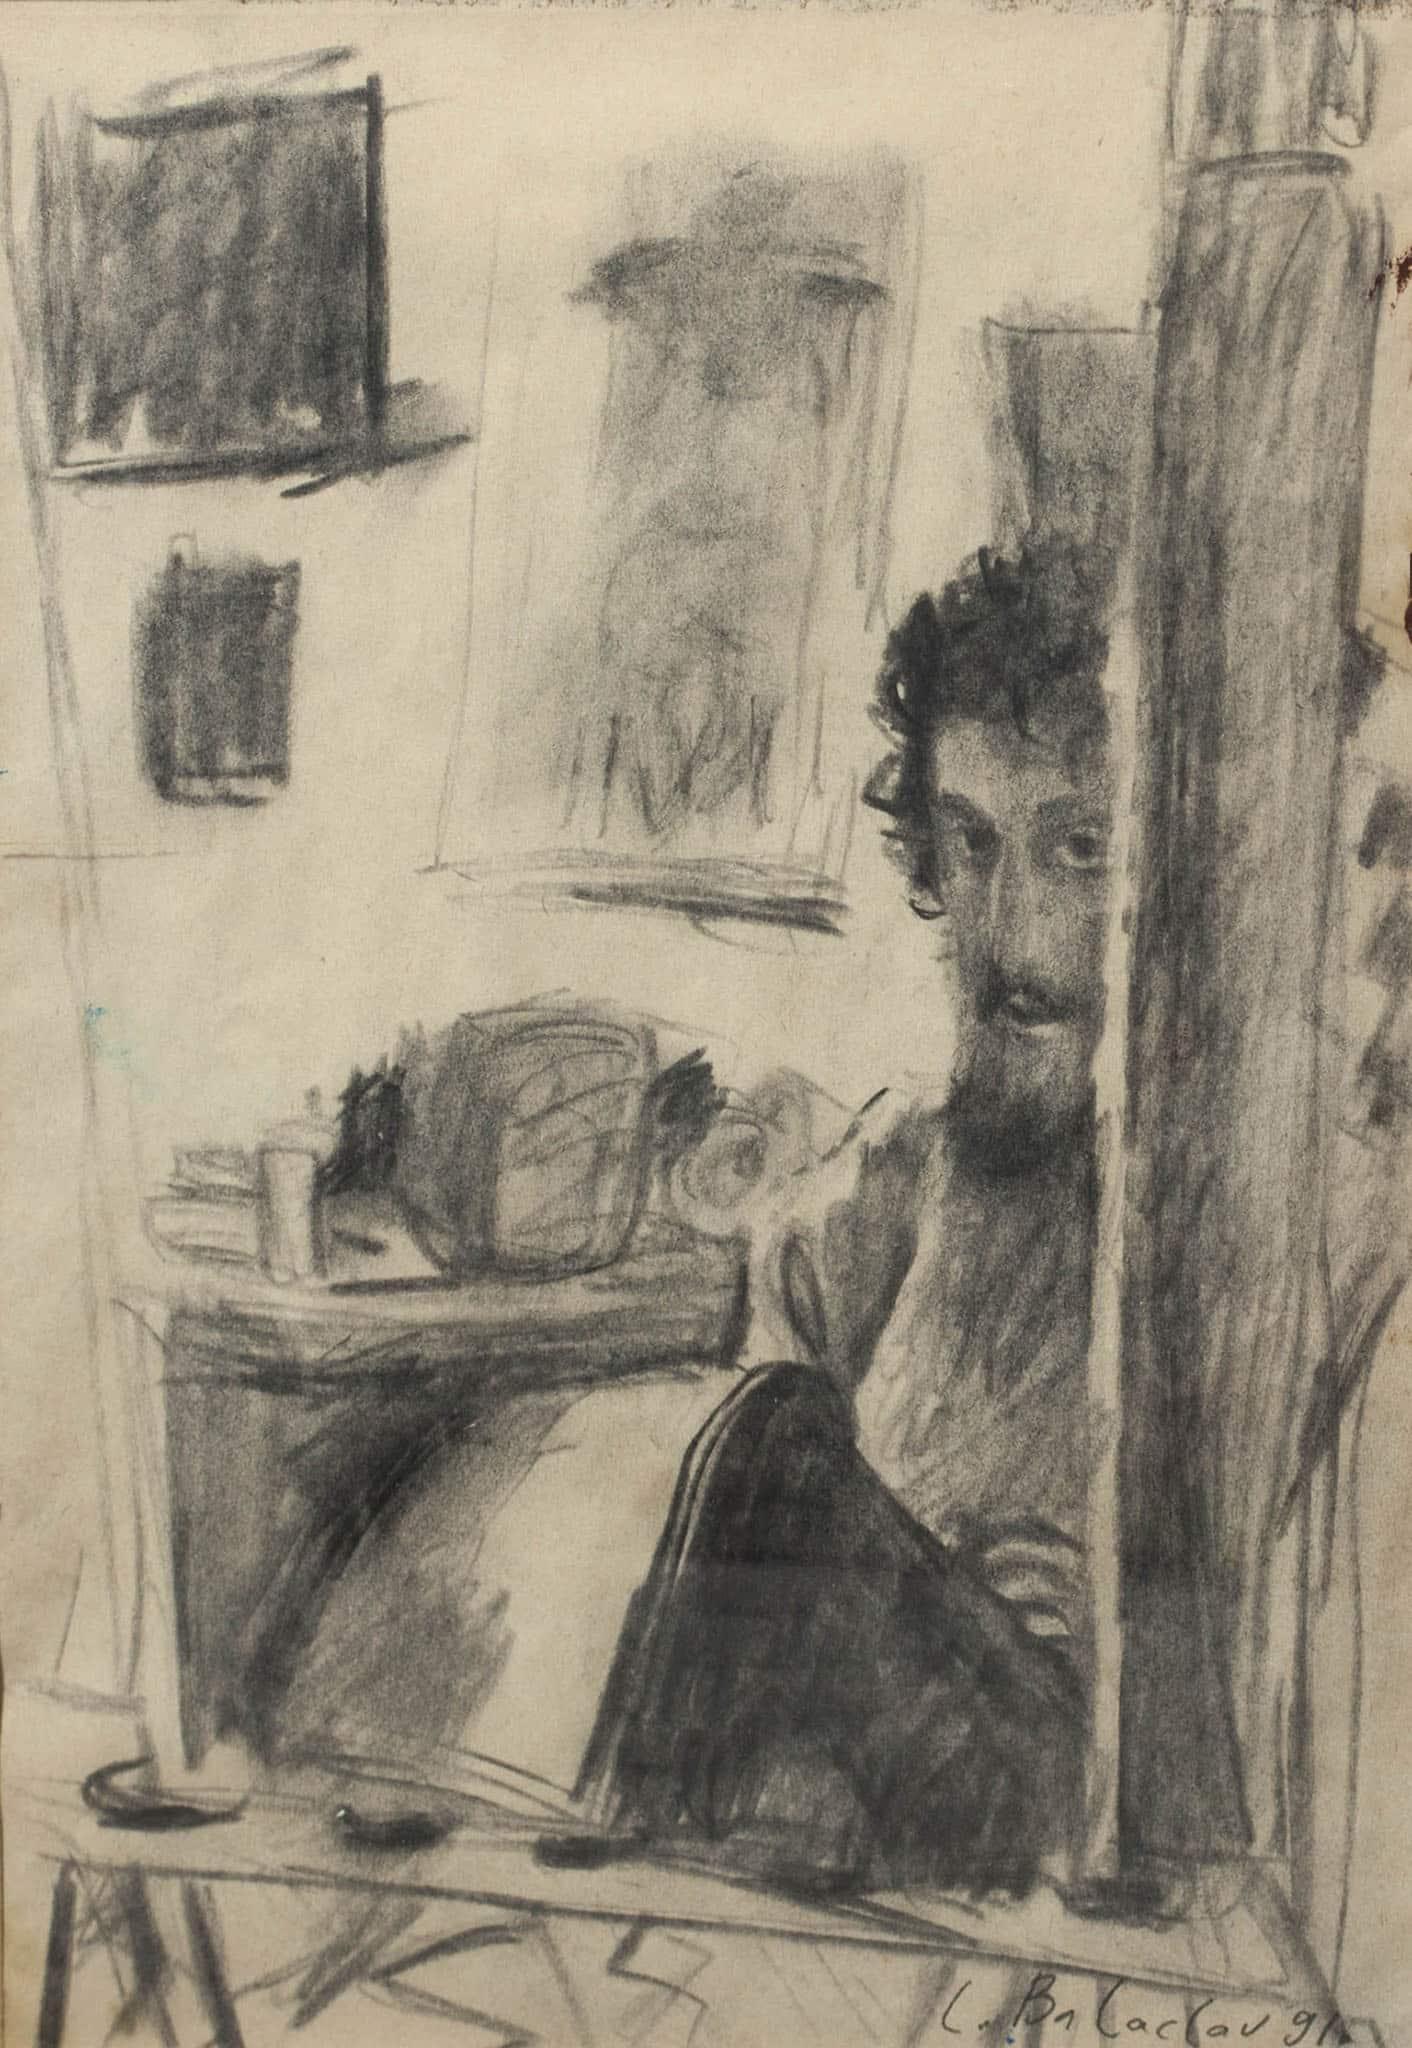 """לאוניד בלקלב, """"דיוקן האמן בסטודיו"""", 1991, פחם על נייר, 29x20 ס""""מ"""